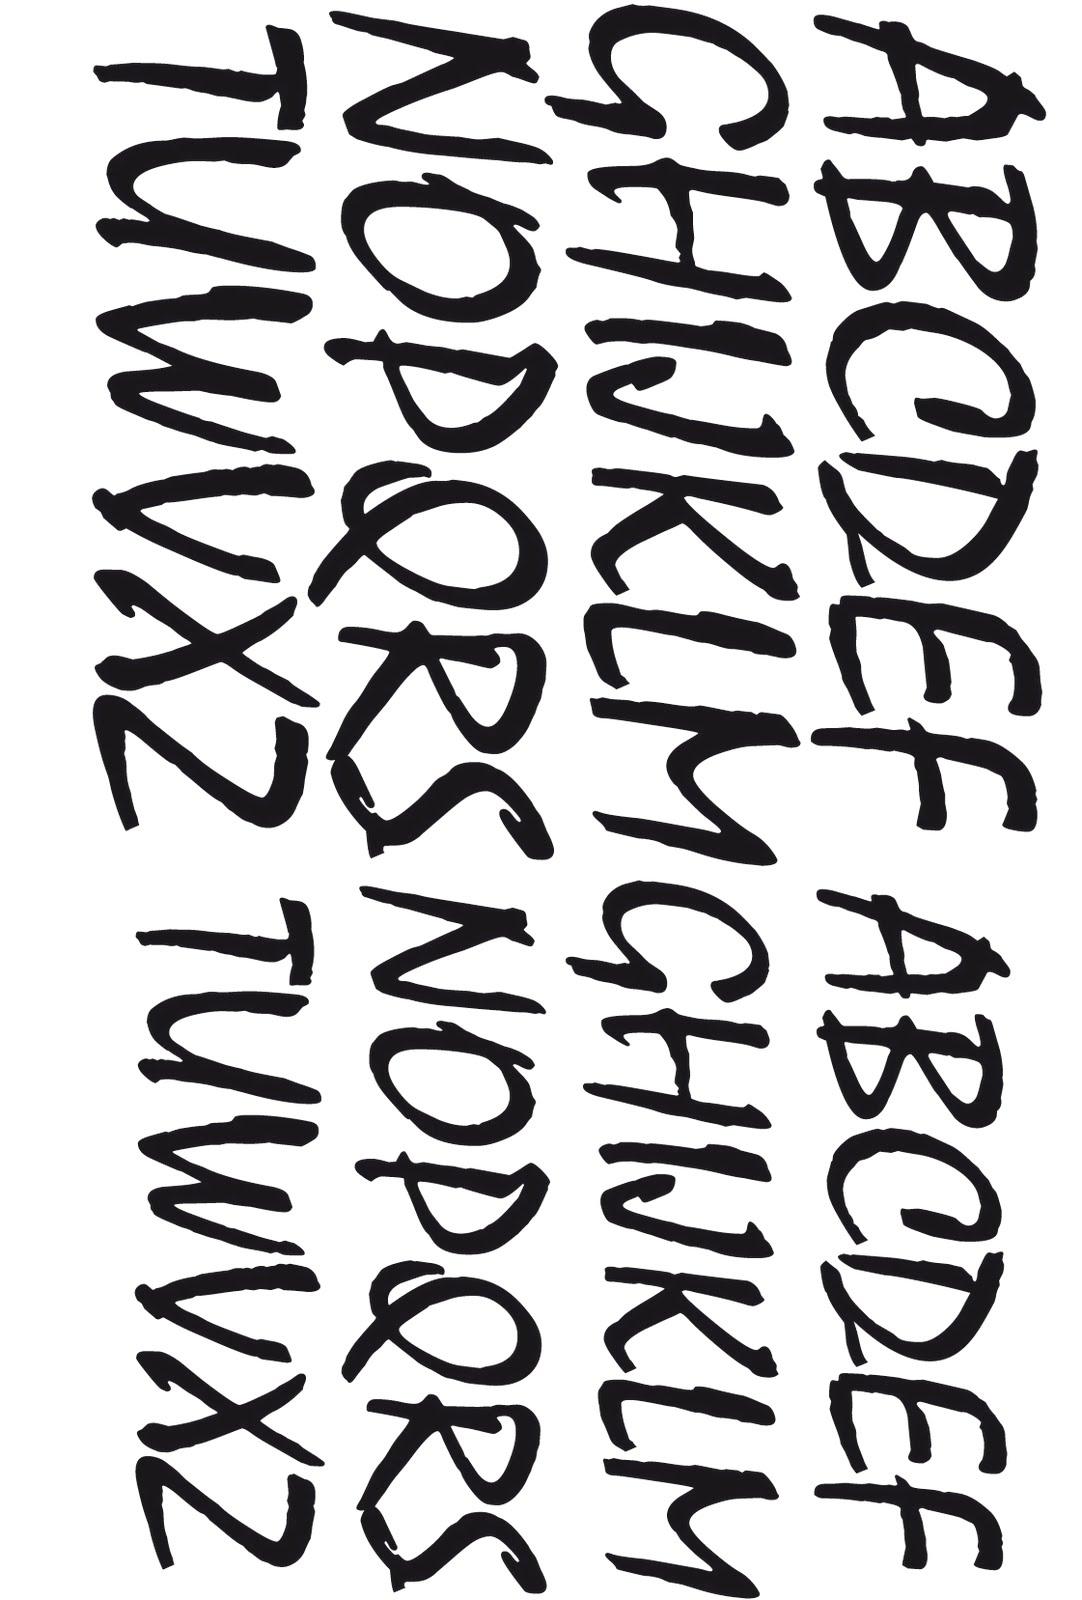 letras diversas